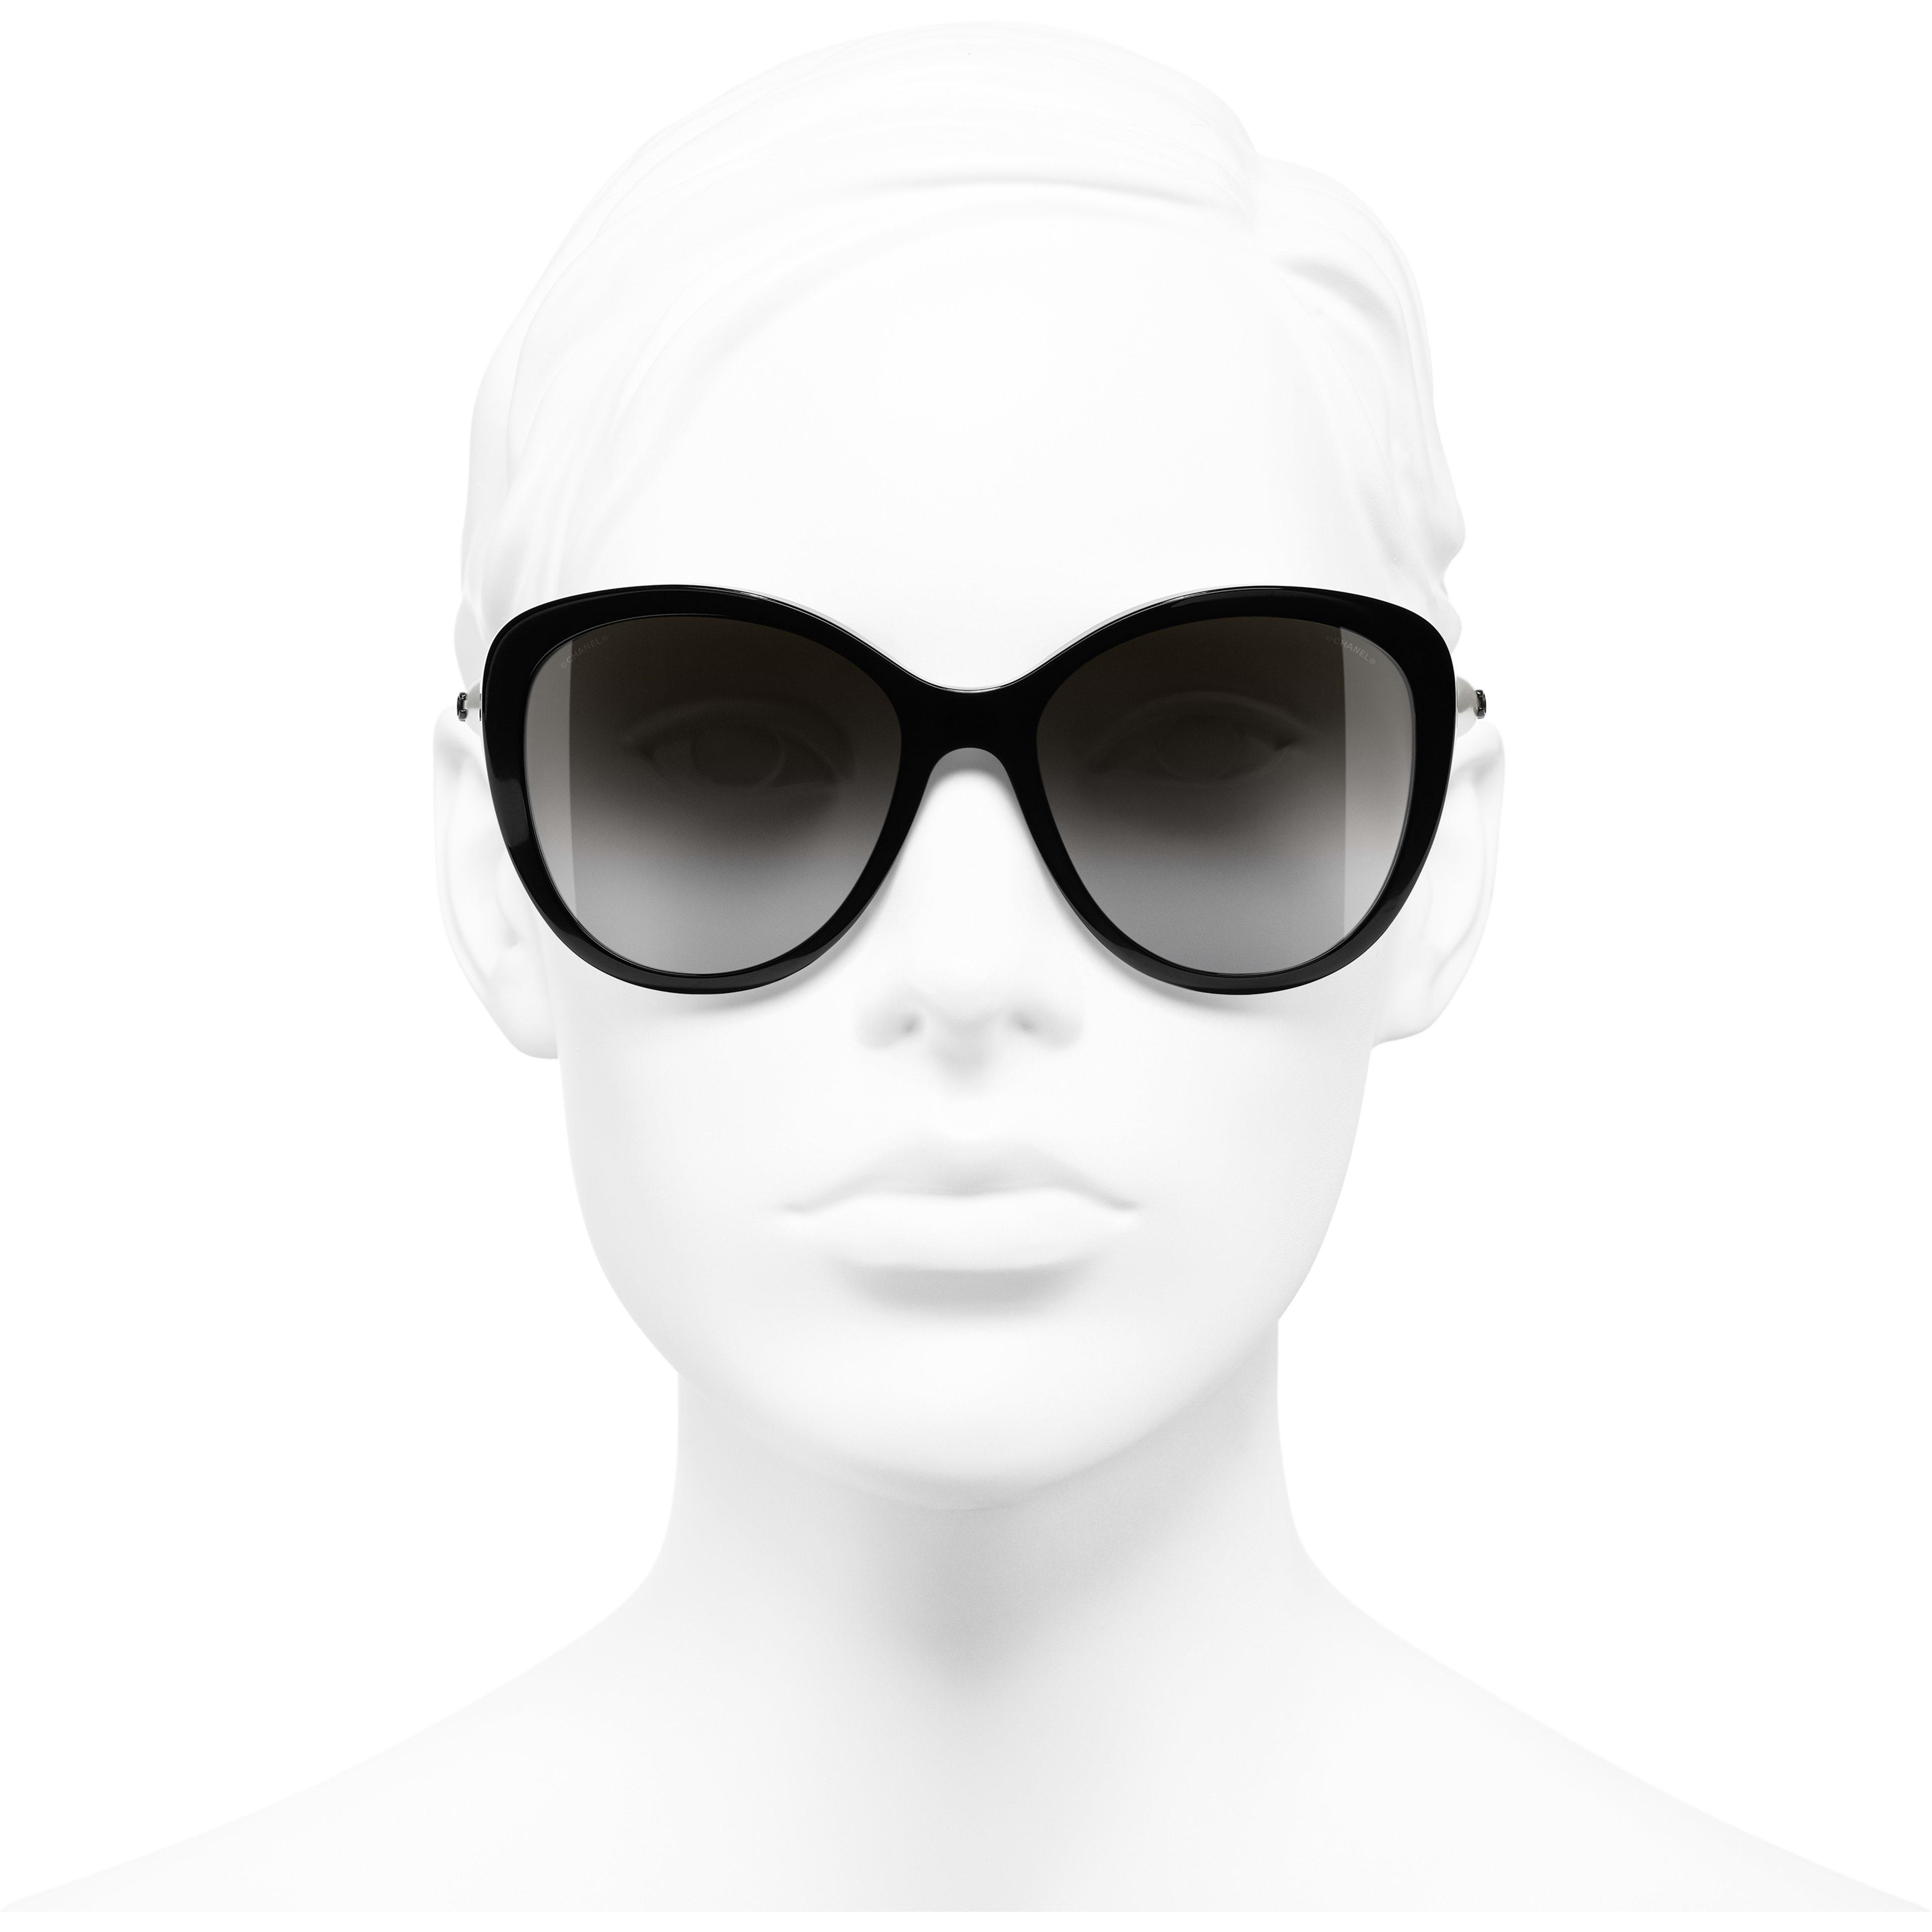 Óculos De Sol Em Formato Borboleta - Black - Acetate & Imitation Pearls - CHANEL - Vista de frente - ver a versão em tamanho standard